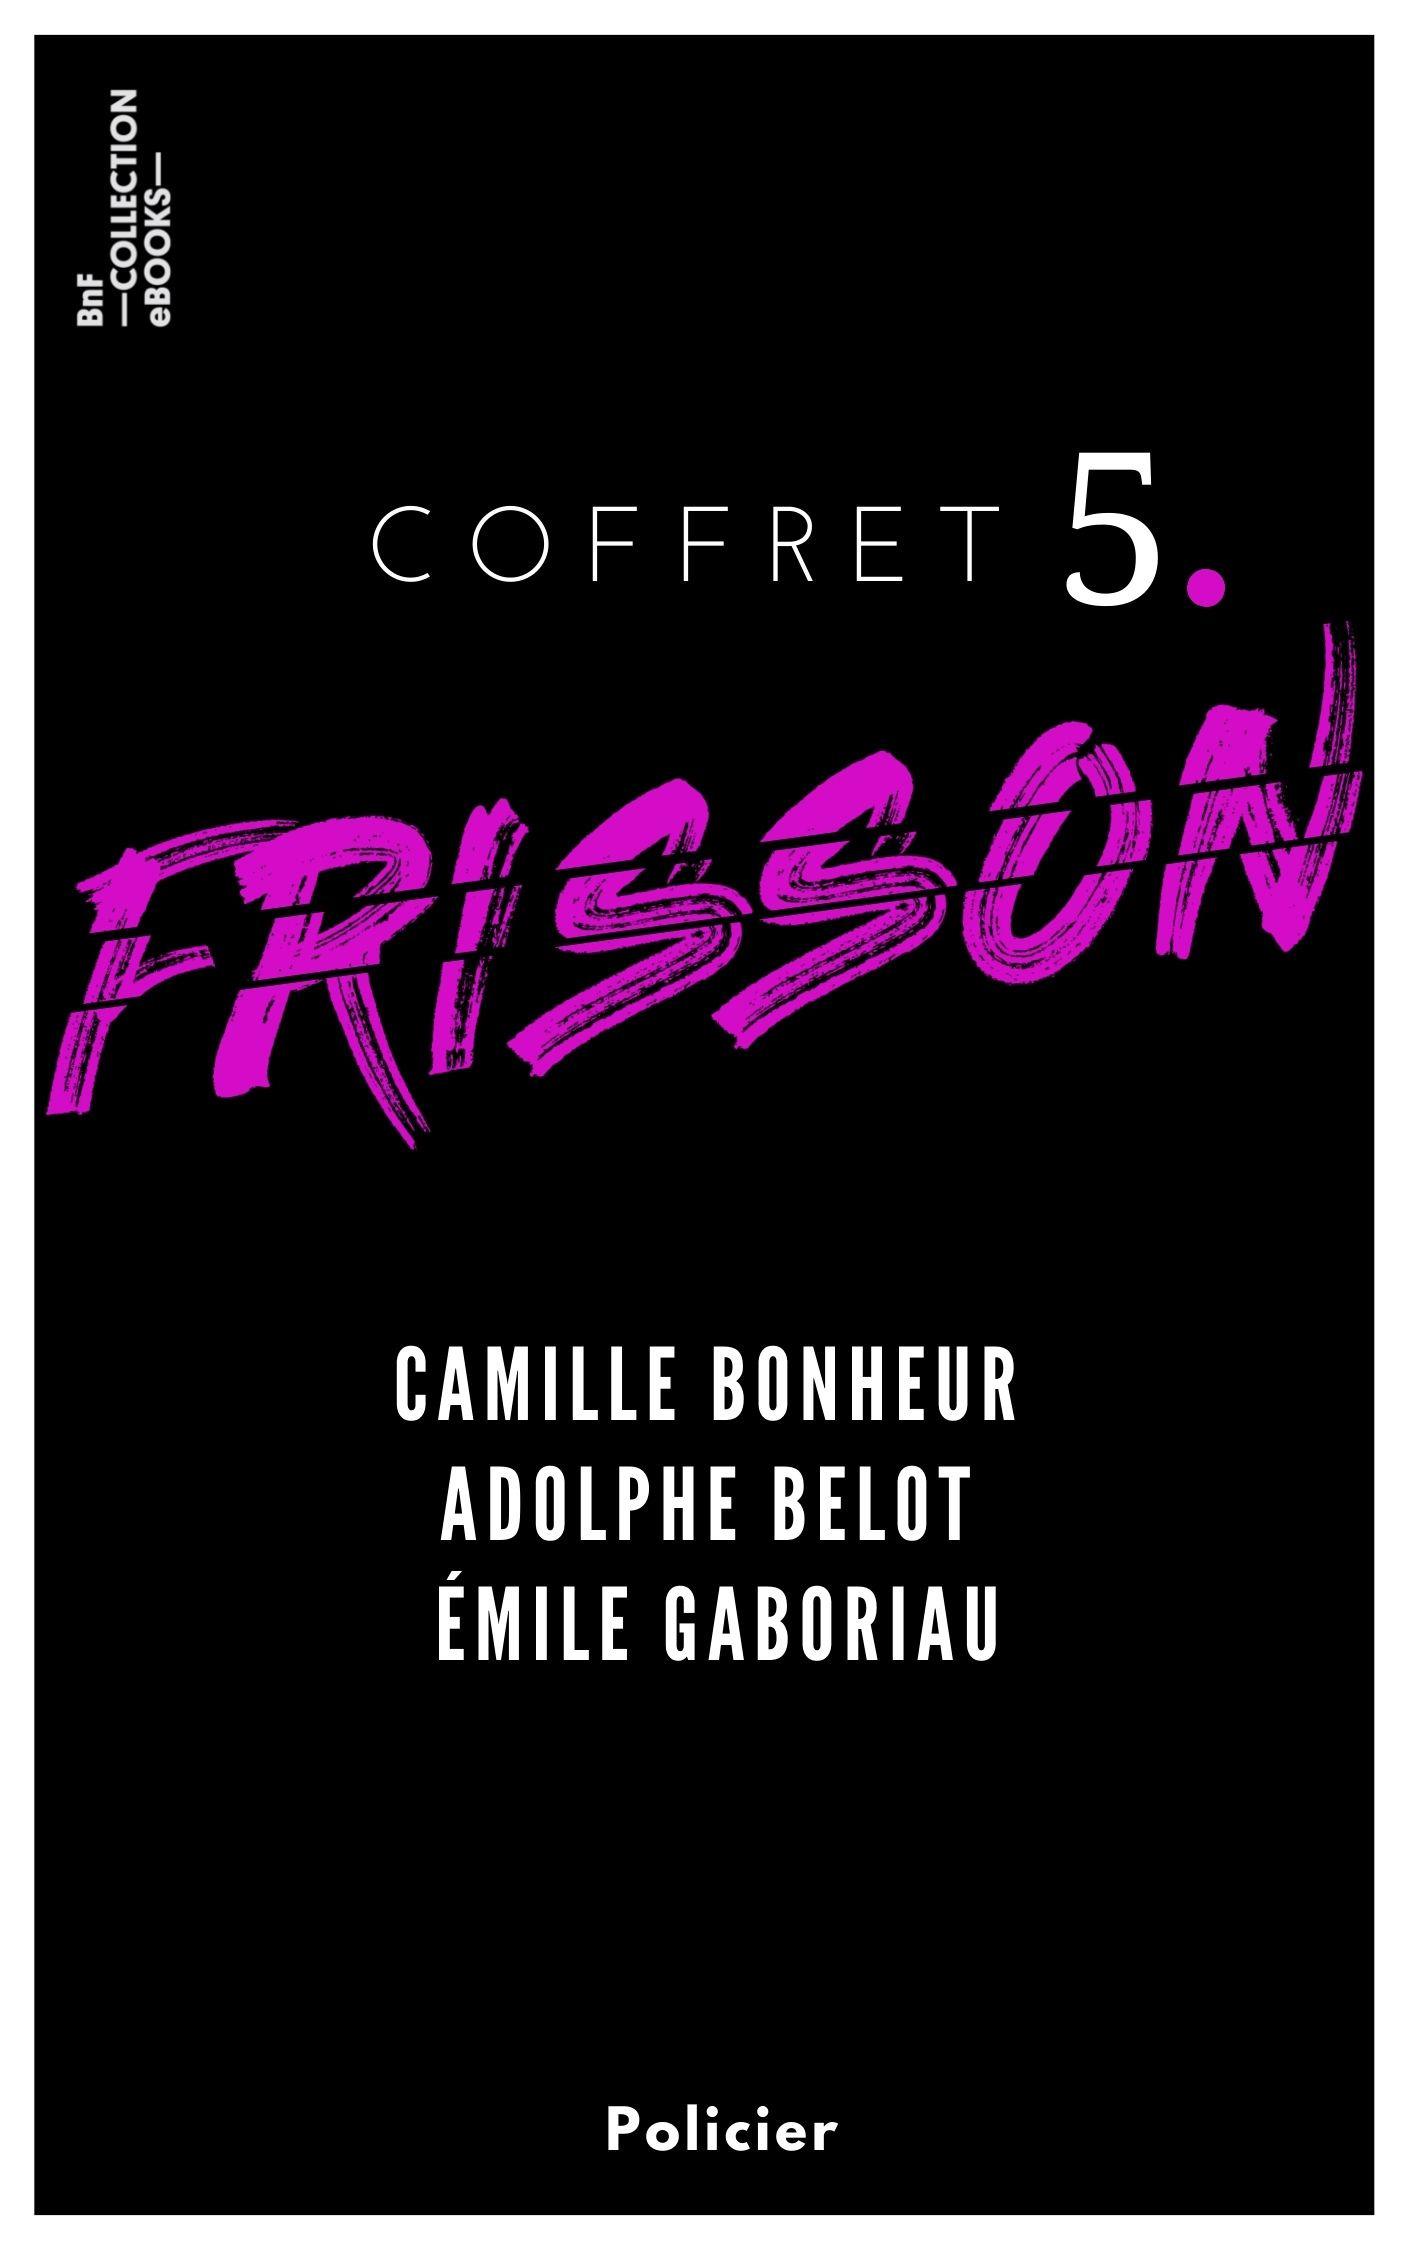 Coffret Frisson n°5 - Camille Bonheur, Adolphe Belot, Émile Gaboriau